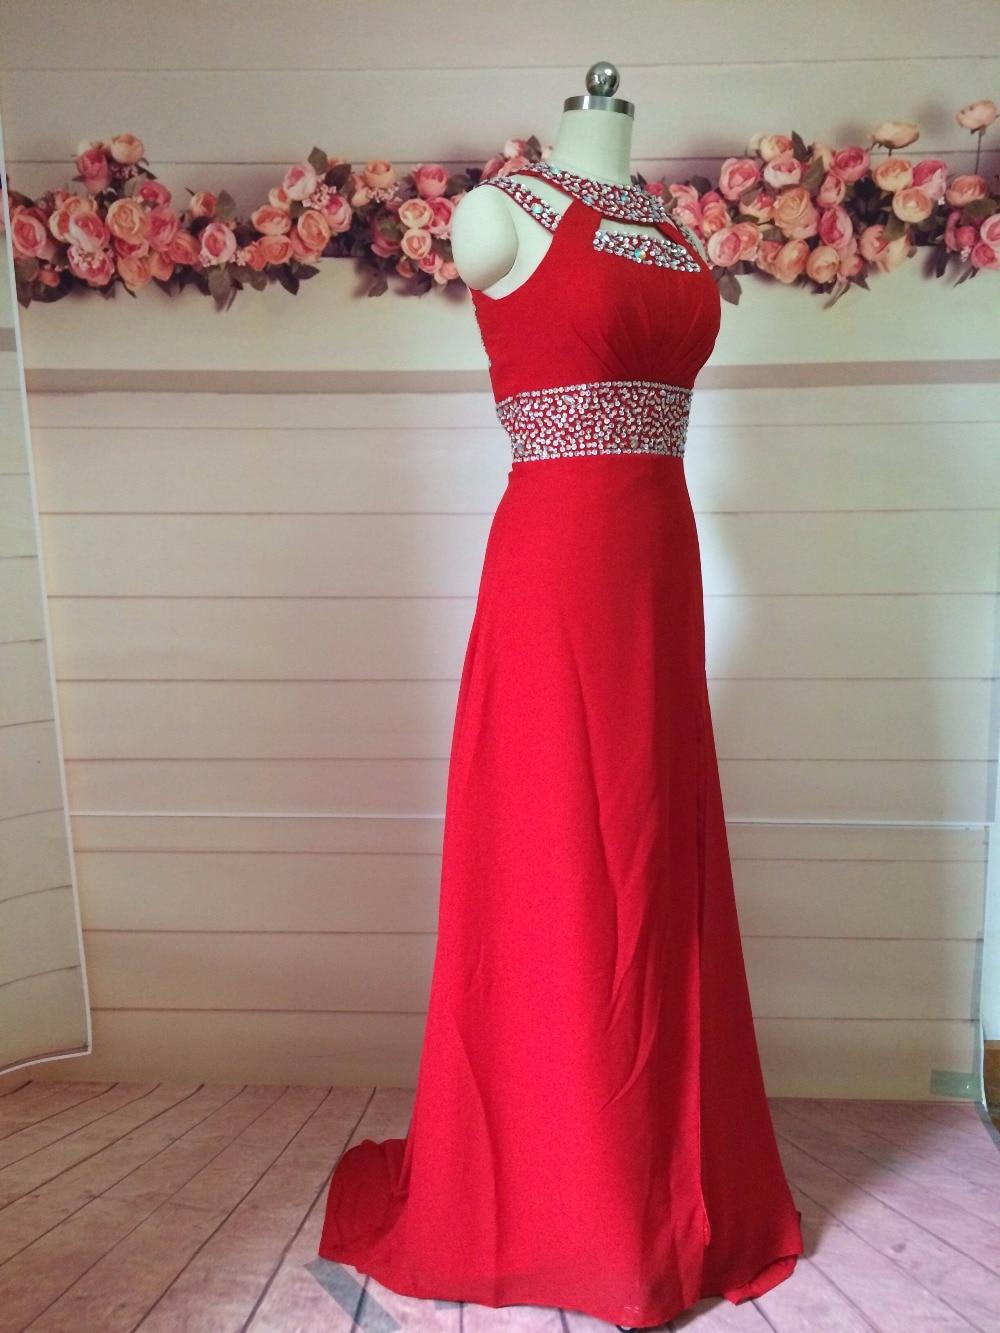 Ya de Lentejuelas Con Cuentas Vestidos de Fiesta Halter de La Gasa roja Vestidos